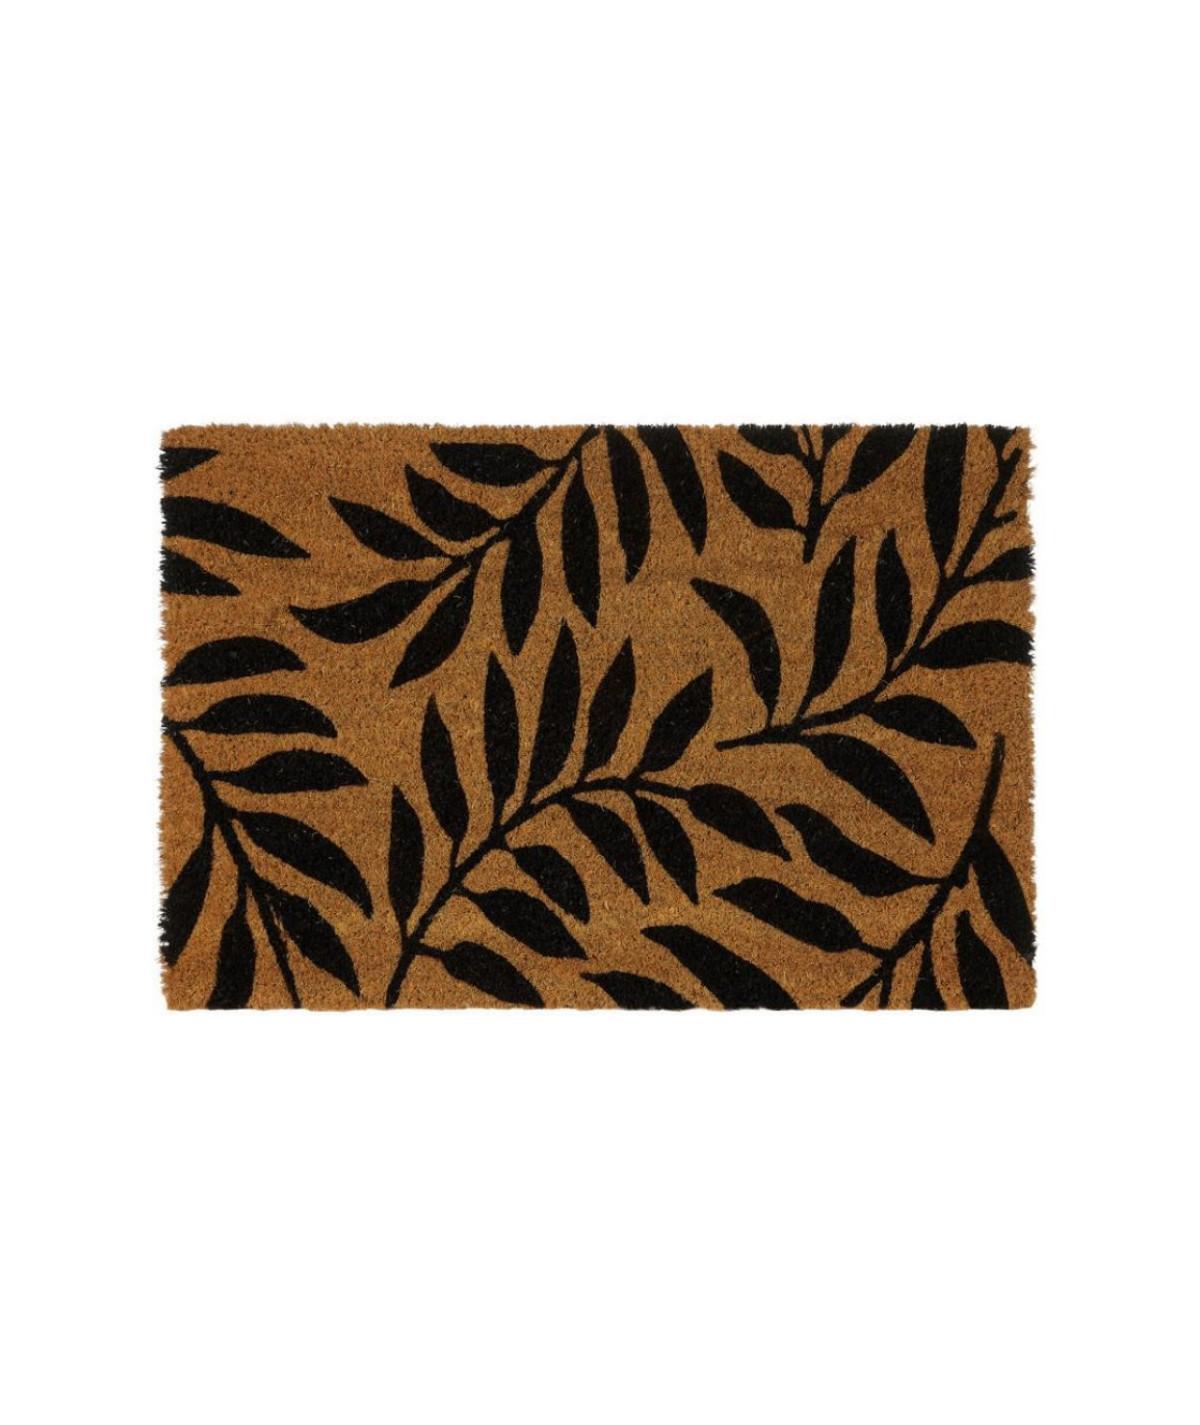 Paillasson coco motif floral 60x40cm - Black   Yesdeko